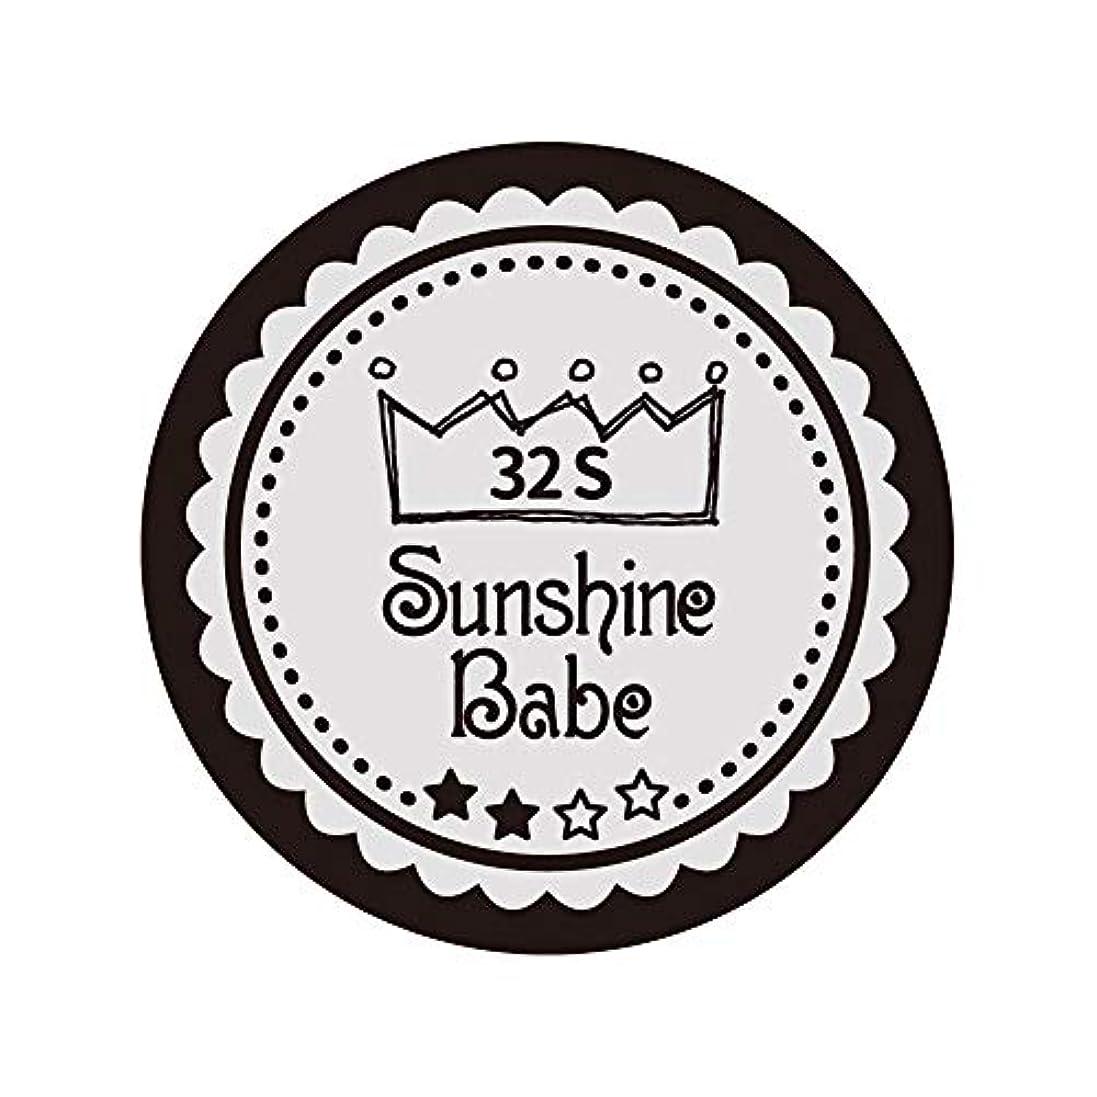 パドルオーバーラン一貫性のないSunshine Babe カラージェル 32S ミルキーグレージュ 2.7g UV/LED対応